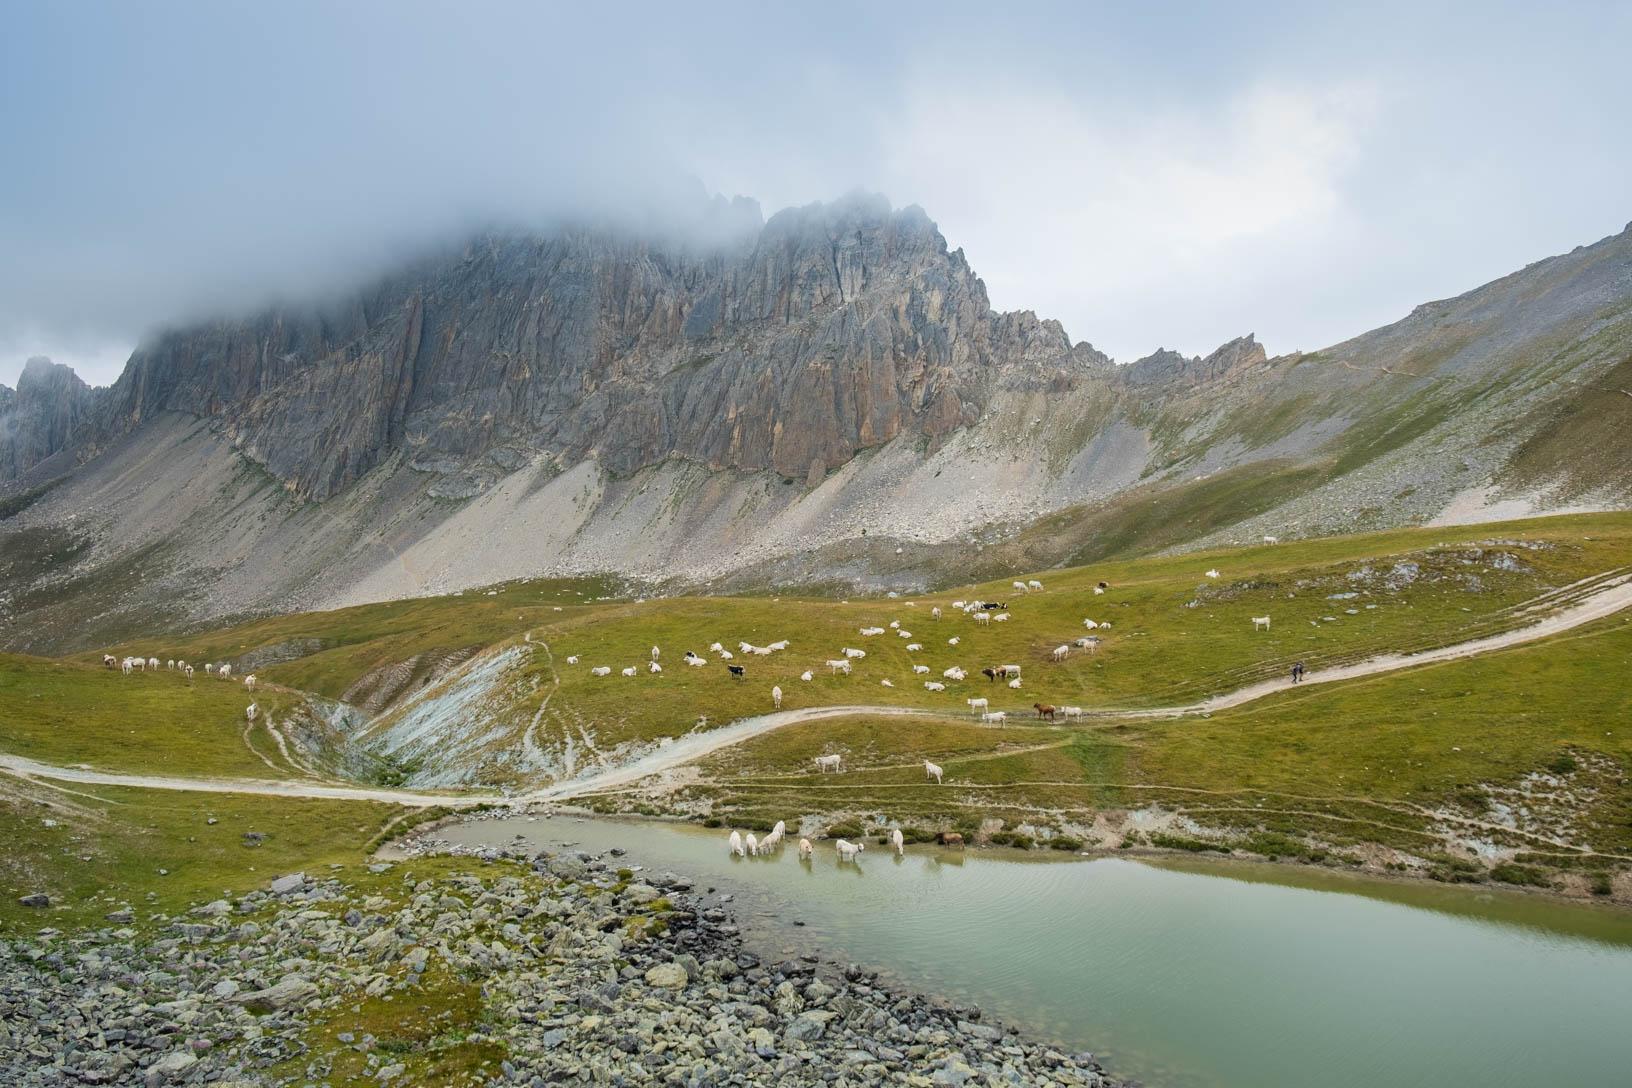 La bellissima Rocca la Meja vista salendo sul Sentiero Rosella